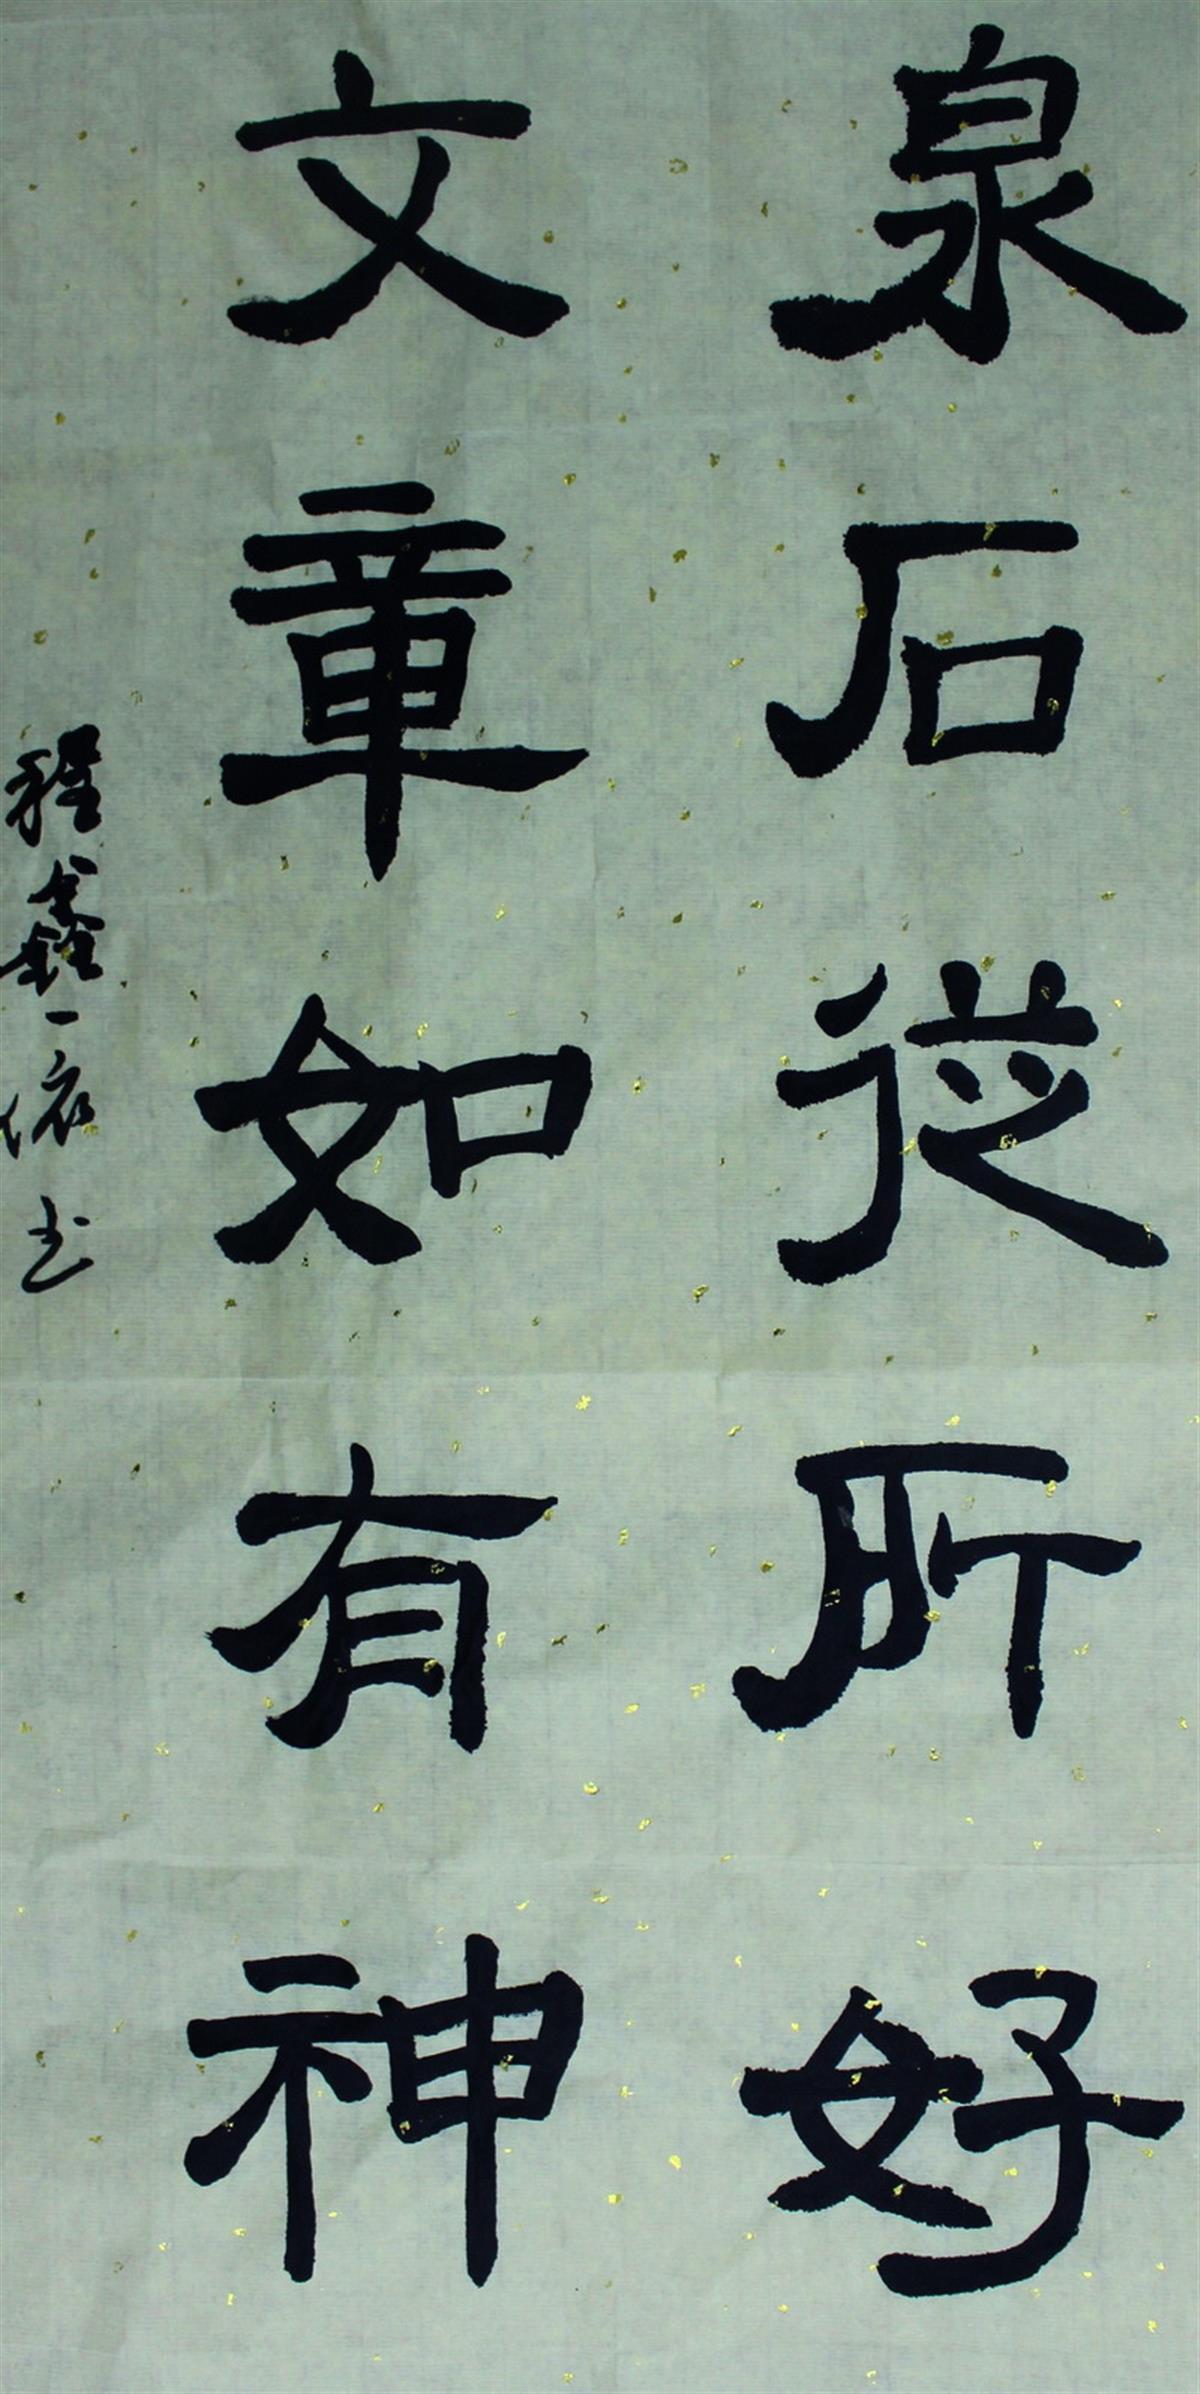 隶书福如东海寿比南山